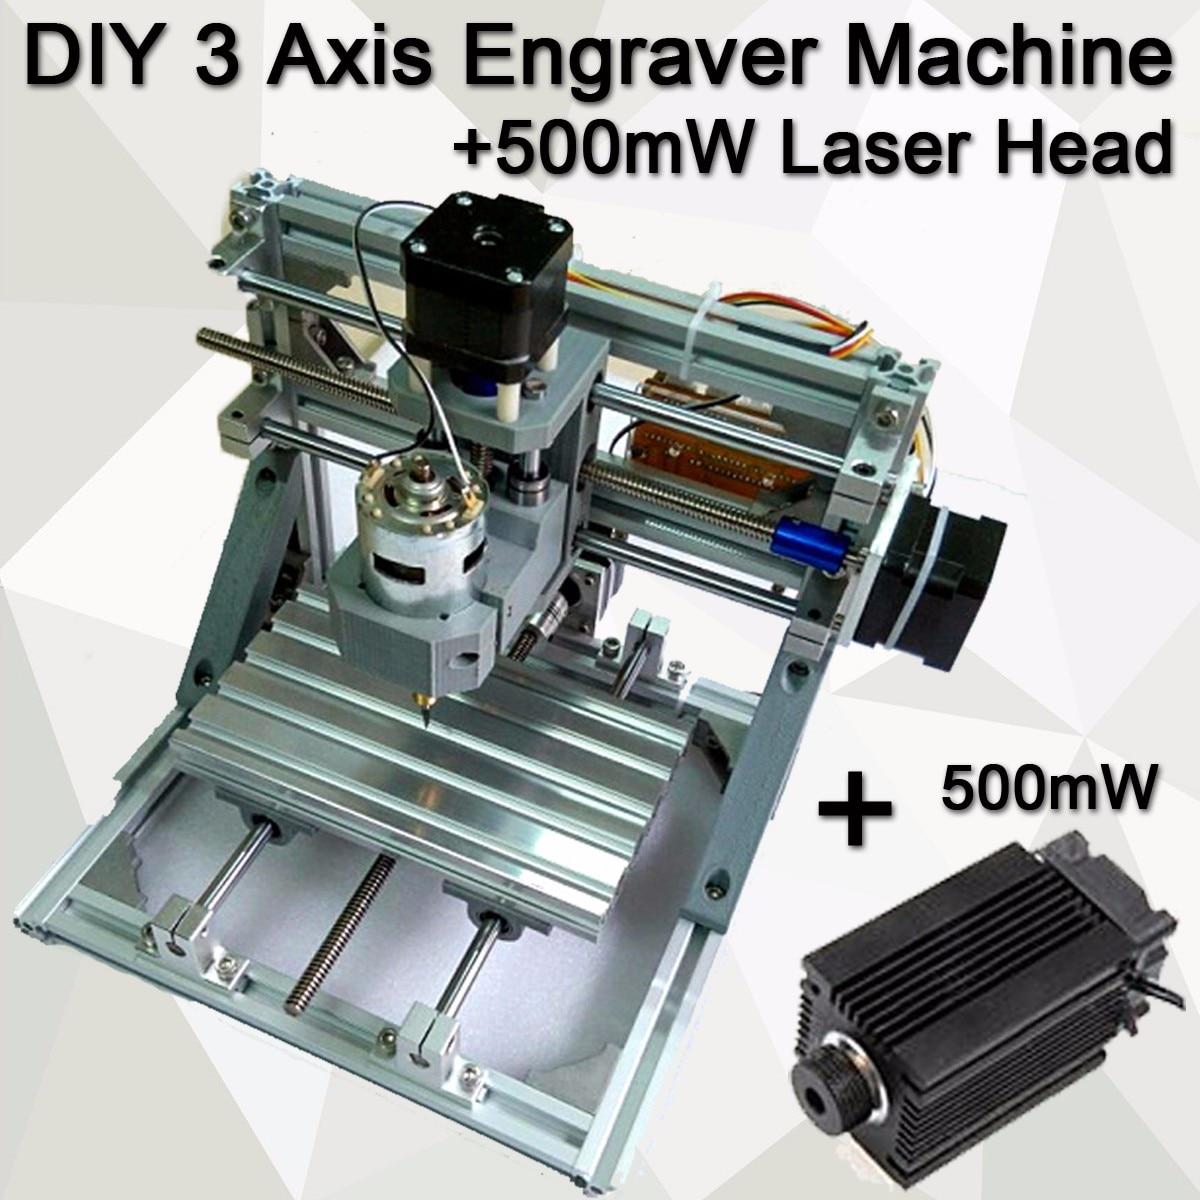 Mini 3 Laser Gravur Stecher Maschine DC 12V DIY Desktop Holz Cutter/Drucker/Power Einstellbar Mit 500MW Laser Kopf